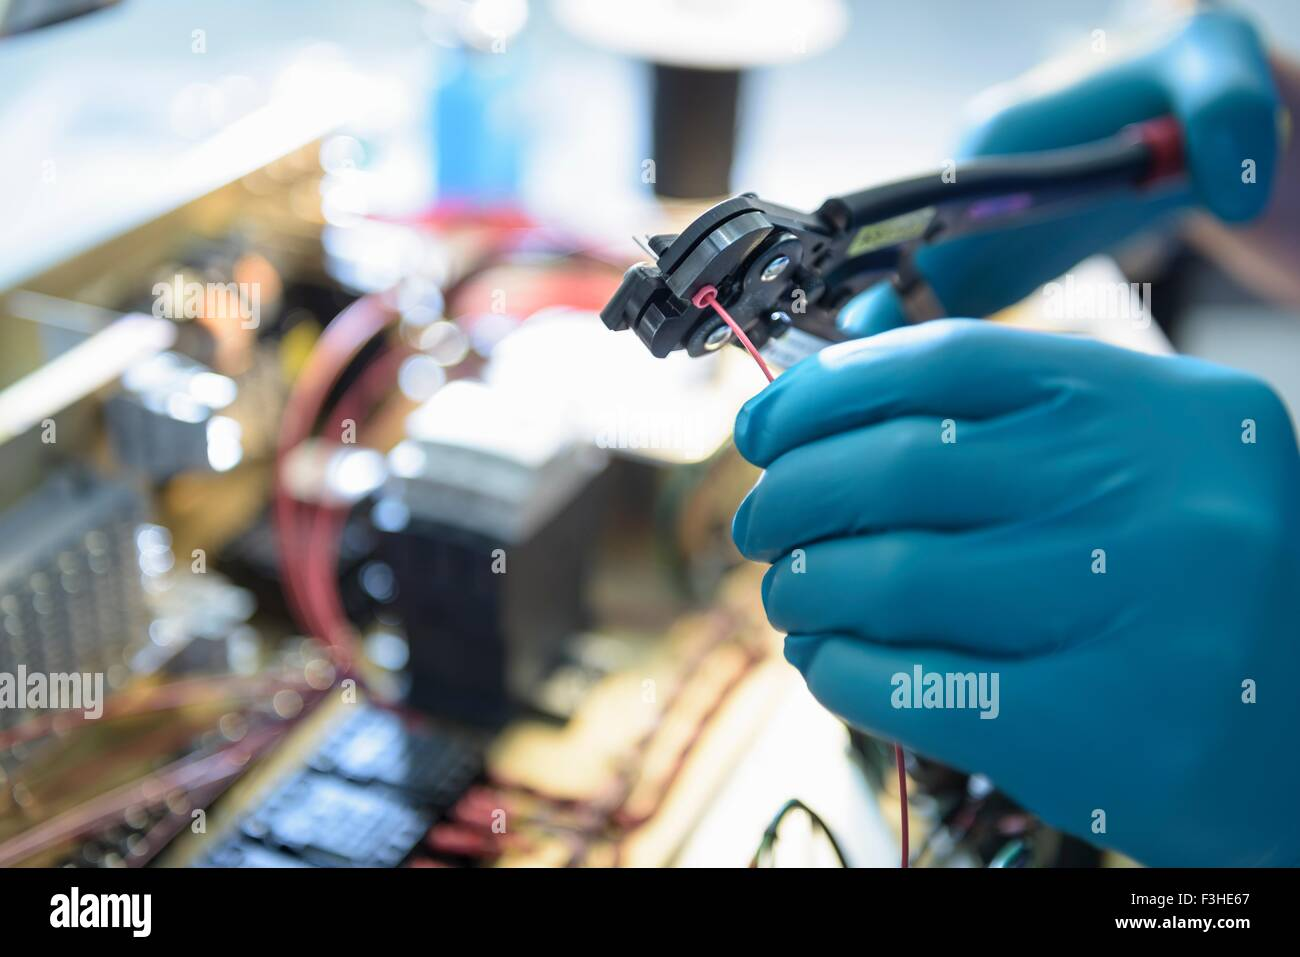 Lavoratore elettronica di assemblaggio in fabbrica di componenti elettronici, concentrarsi sulle mani Immagini Stock